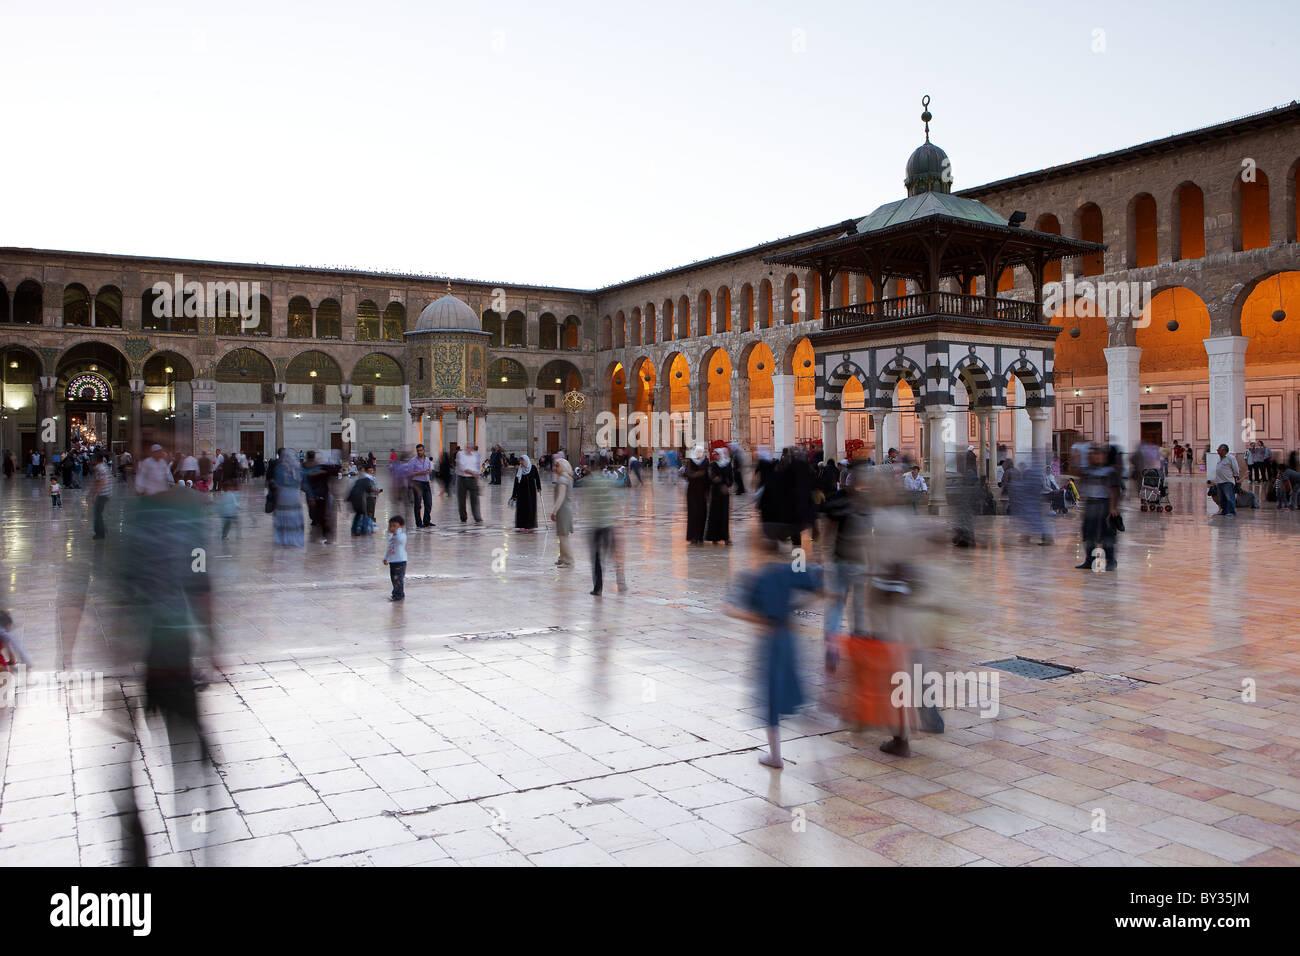 Great Umayyad Mosque, Damascus, Syria at dusk - Stock Image